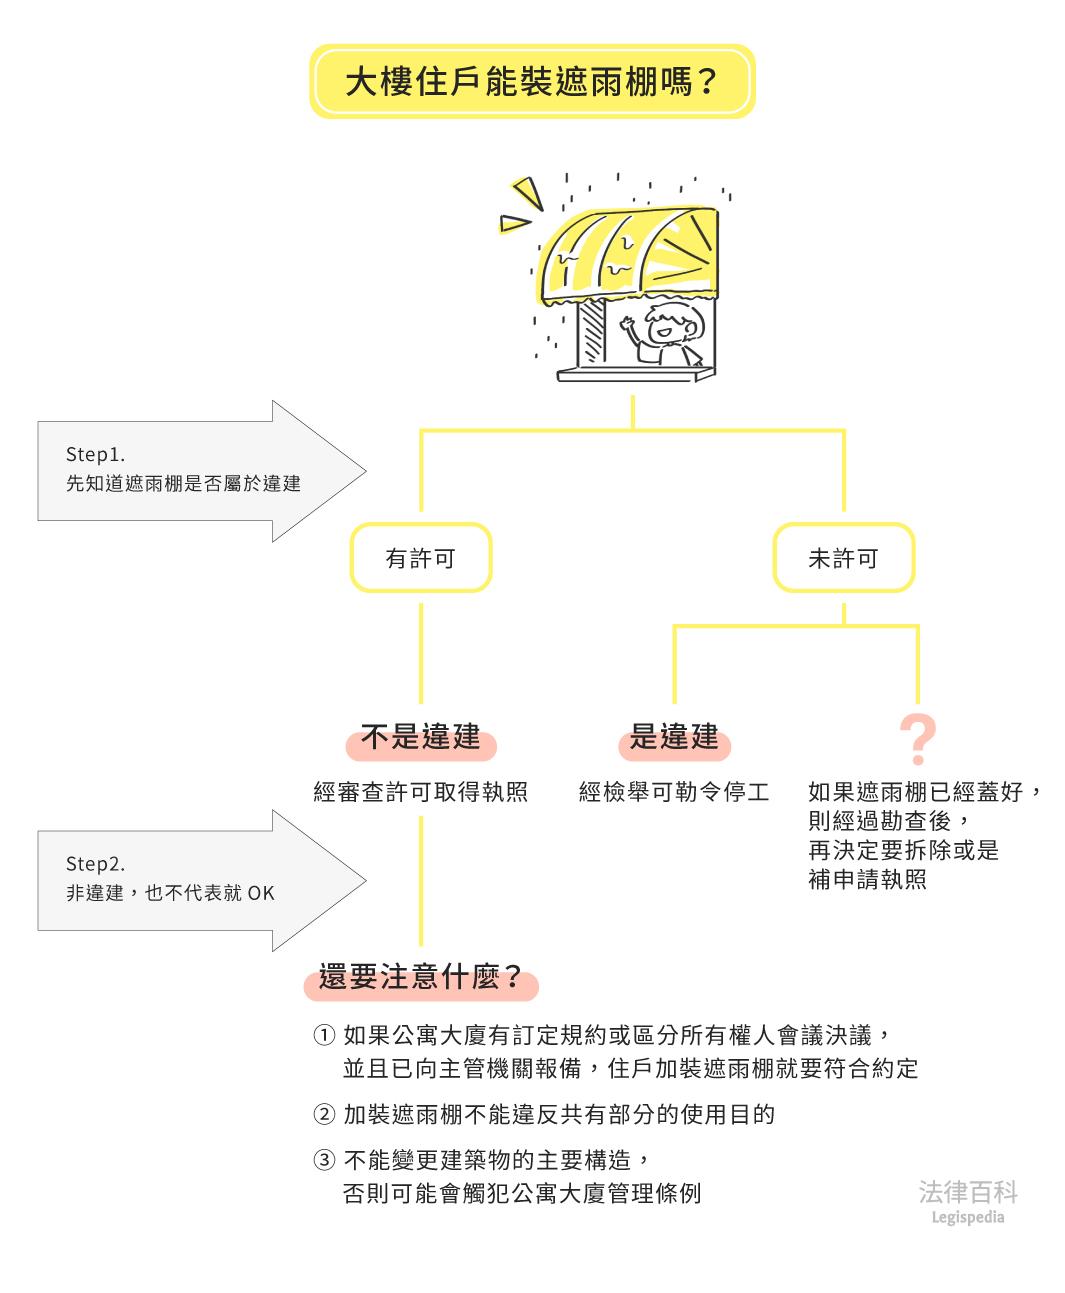 圖1 大樓住戶能裝遮雨棚嗎?||資料來源:黃郁真 / 繪圖:Yen